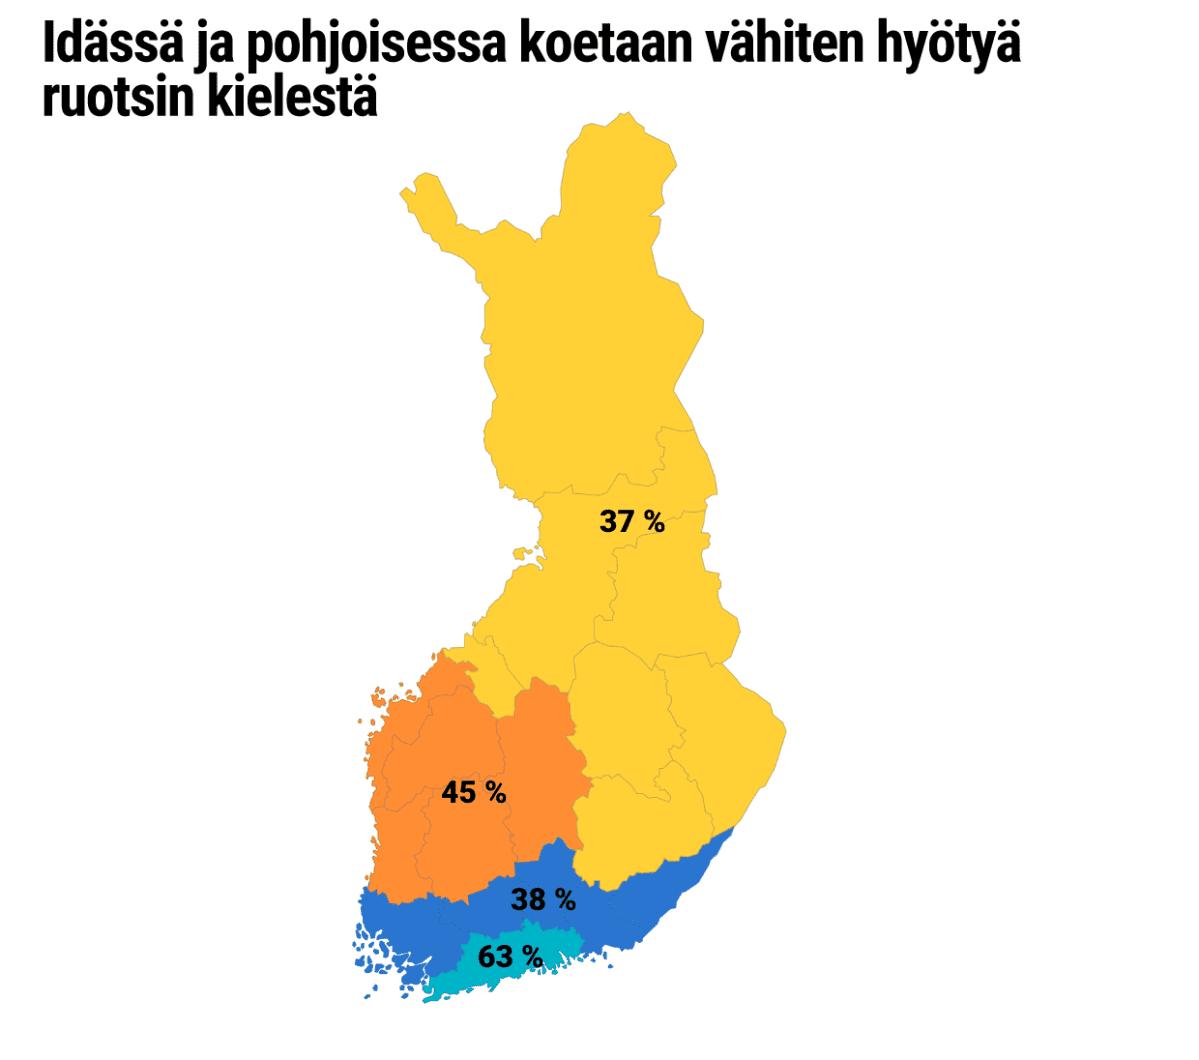 Tilastografiikka Suomen kartta